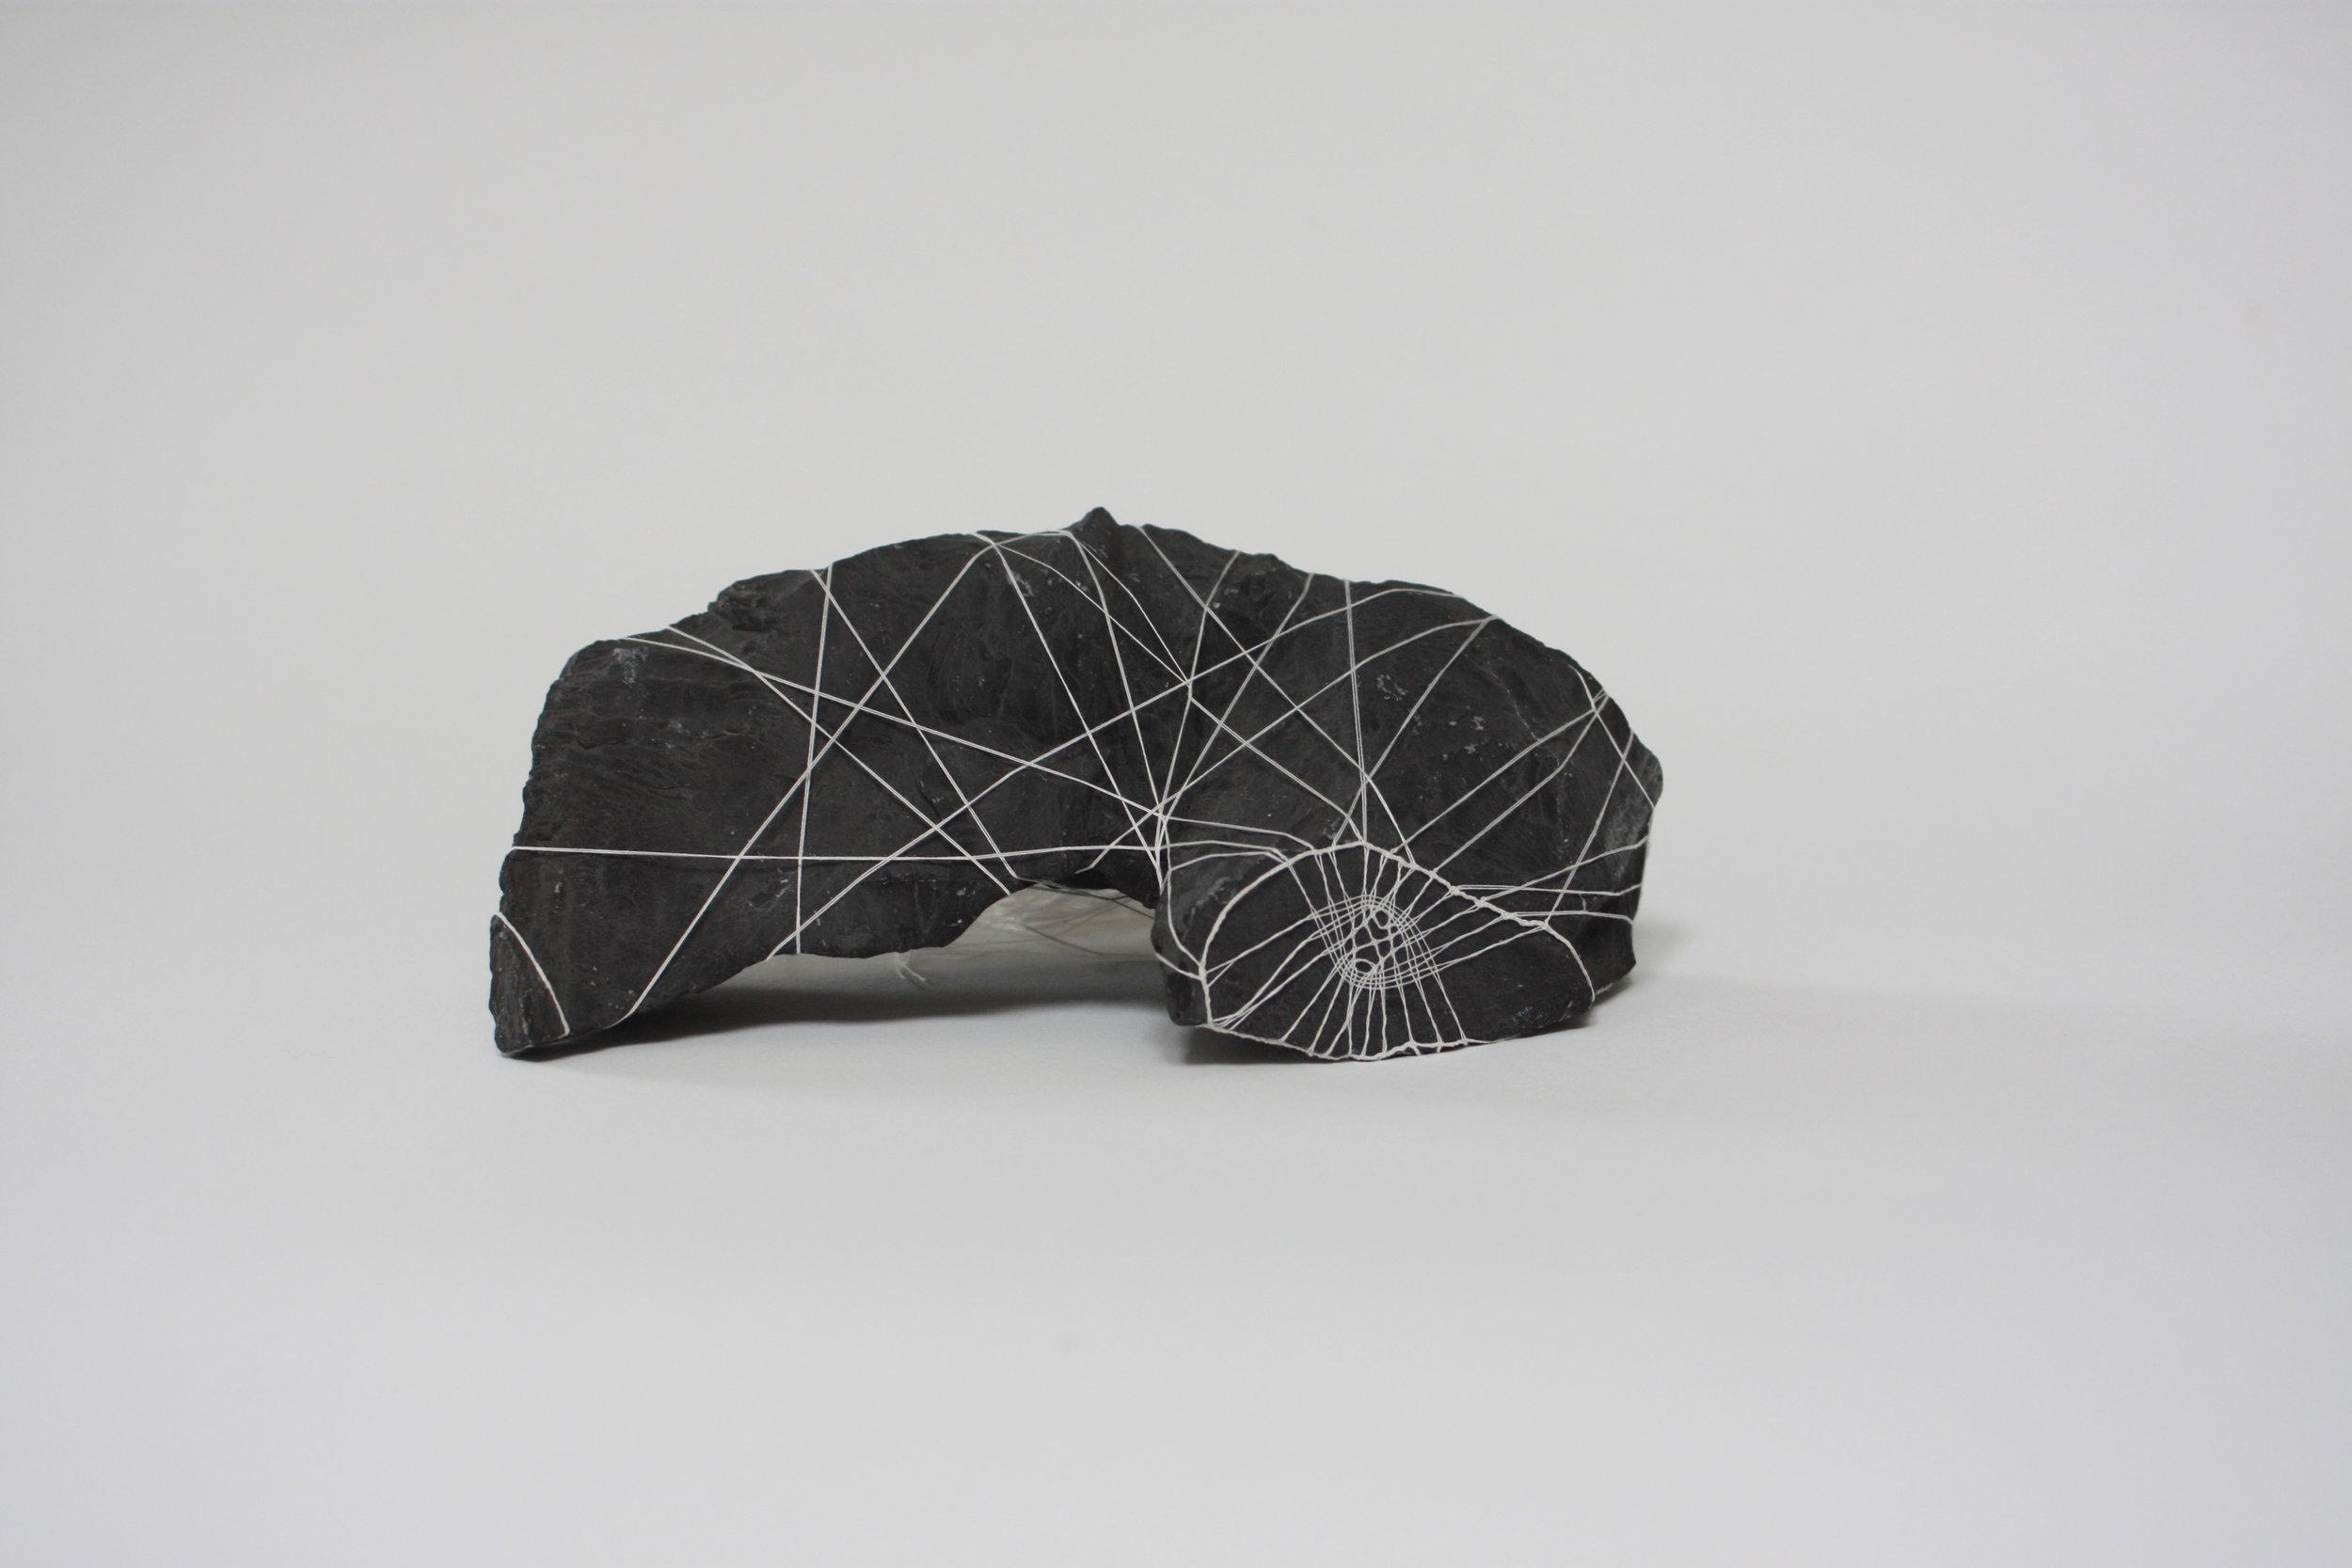 Pourquoi naître esclave ? (détail), 2017, dentelle aux fuseaux, fil de coton d'Égypte, Pierre noire de Golzinne, 20 x 7 cm